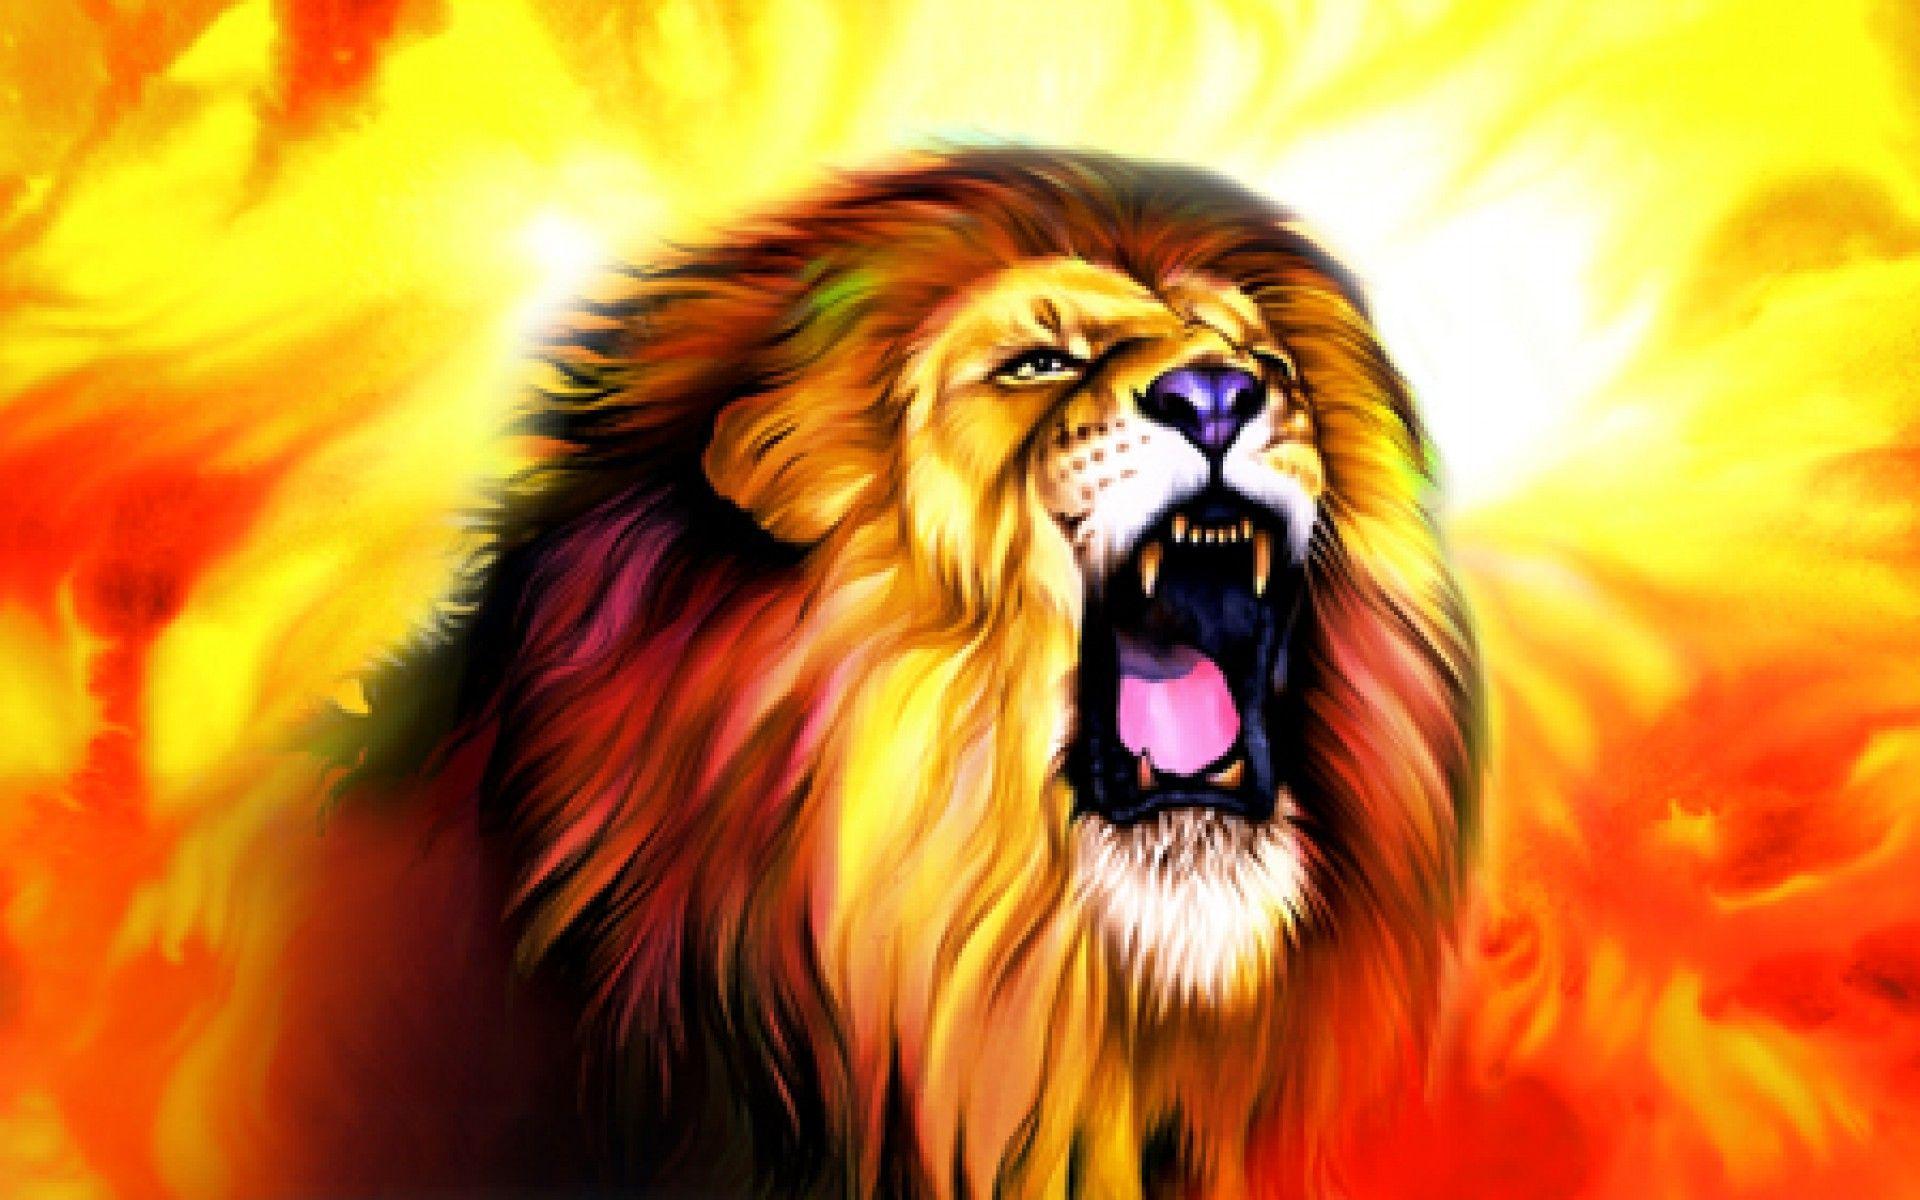 Lion Roar Wallpapers